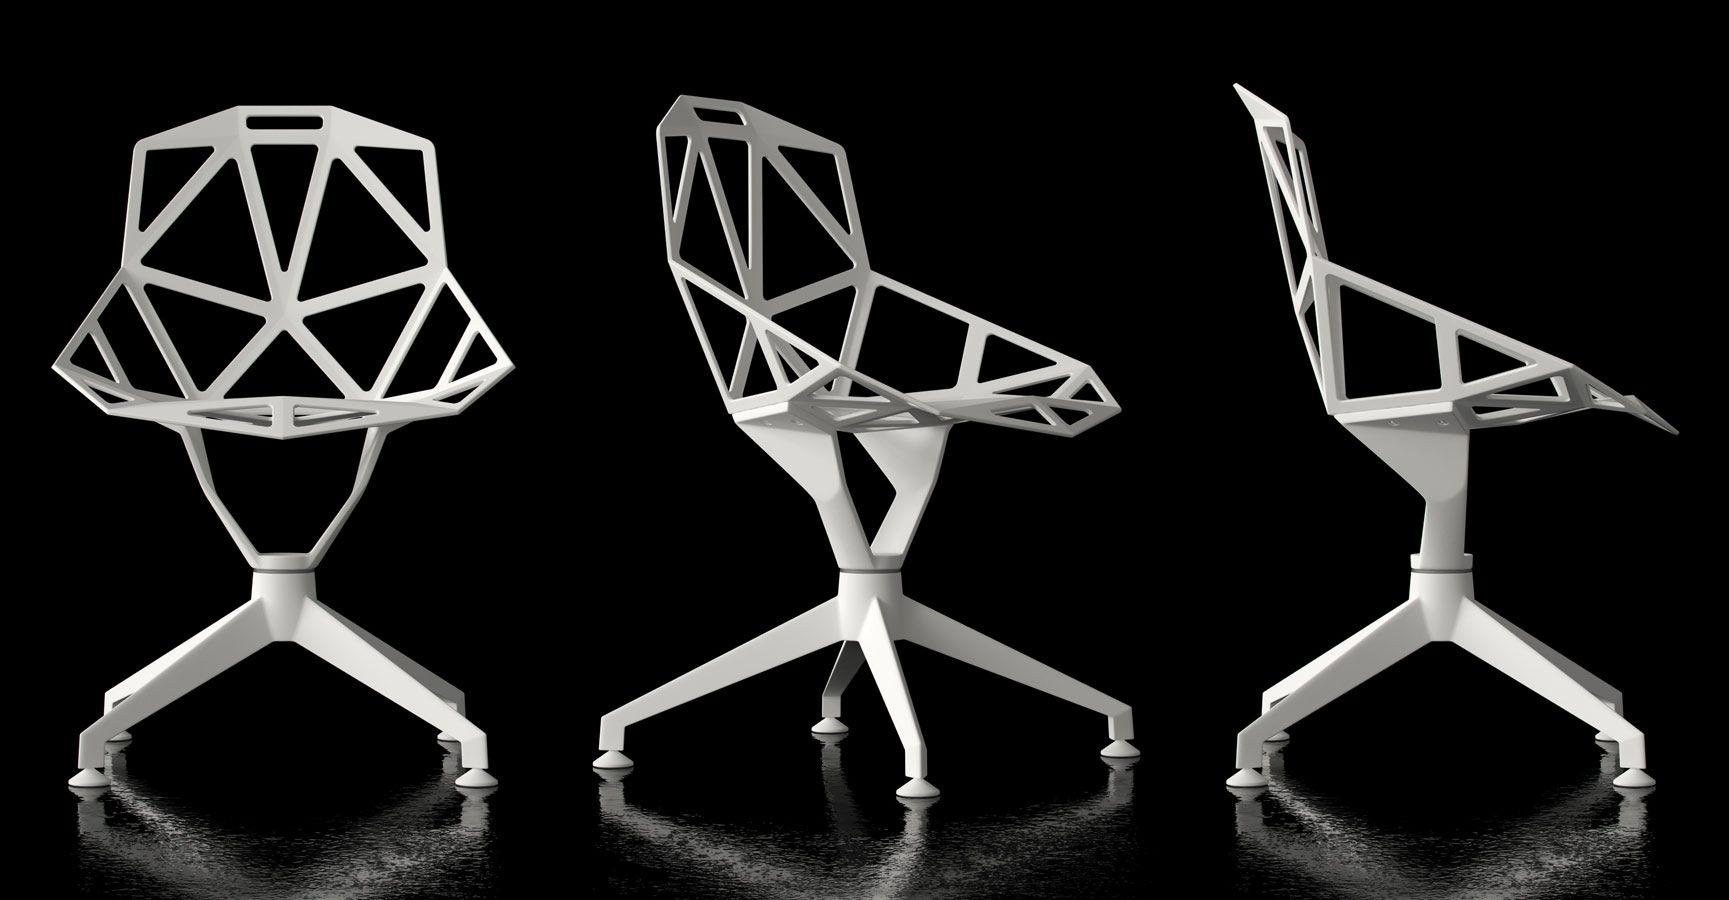 magis chair one white - Google-søk